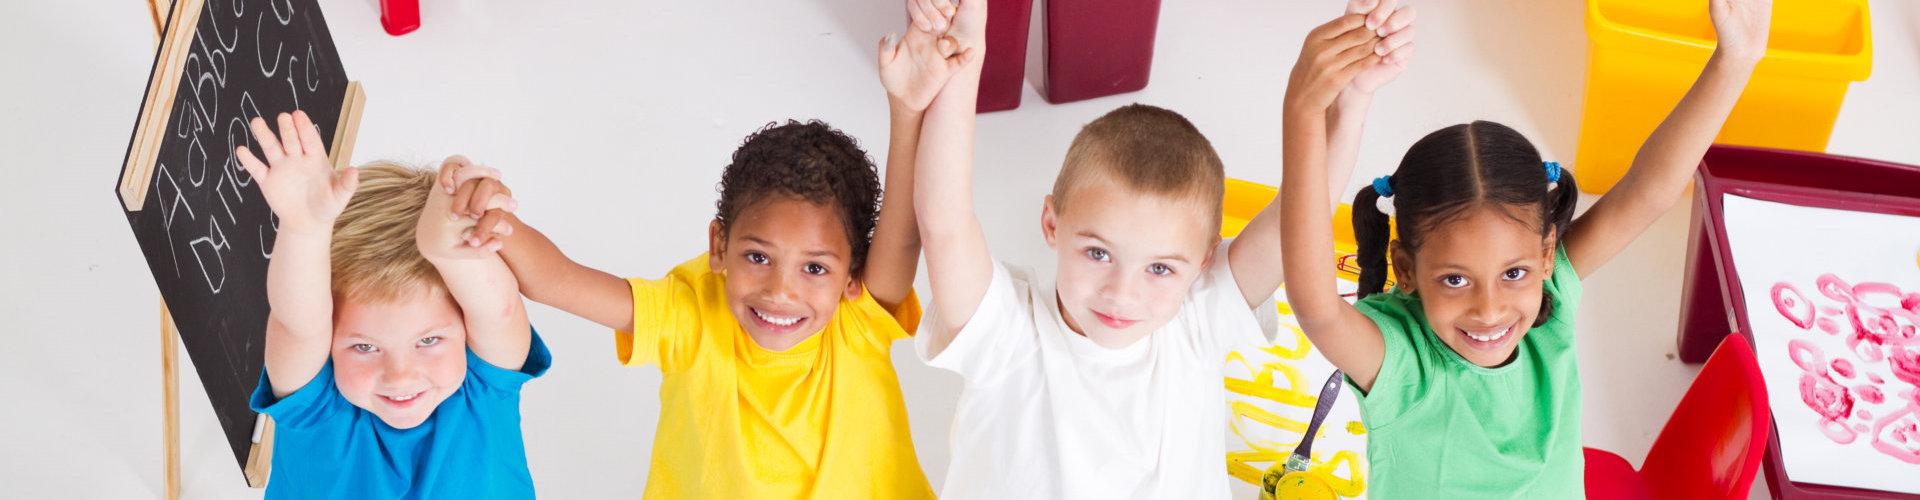 young preschool children in classroom